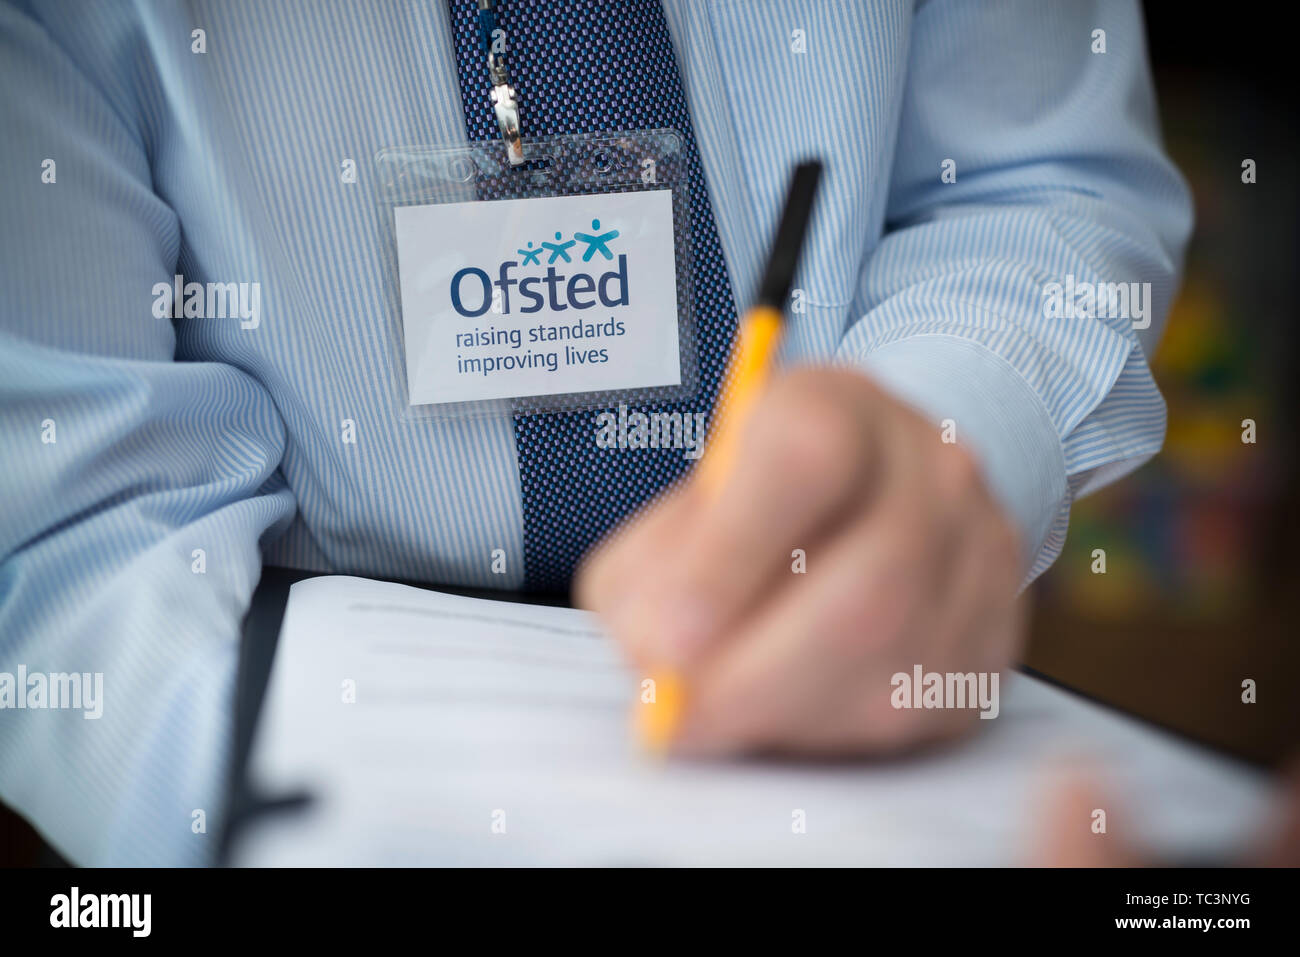 Ein Mann in einem Hemd und Krawatte mit einem ofsted Lanyard gekleidet zu sein scheint, die Erstellung eines Berichts mit einem Stift und Zwischenablage. (Nur redaktionelle Nutzung) Stockbild